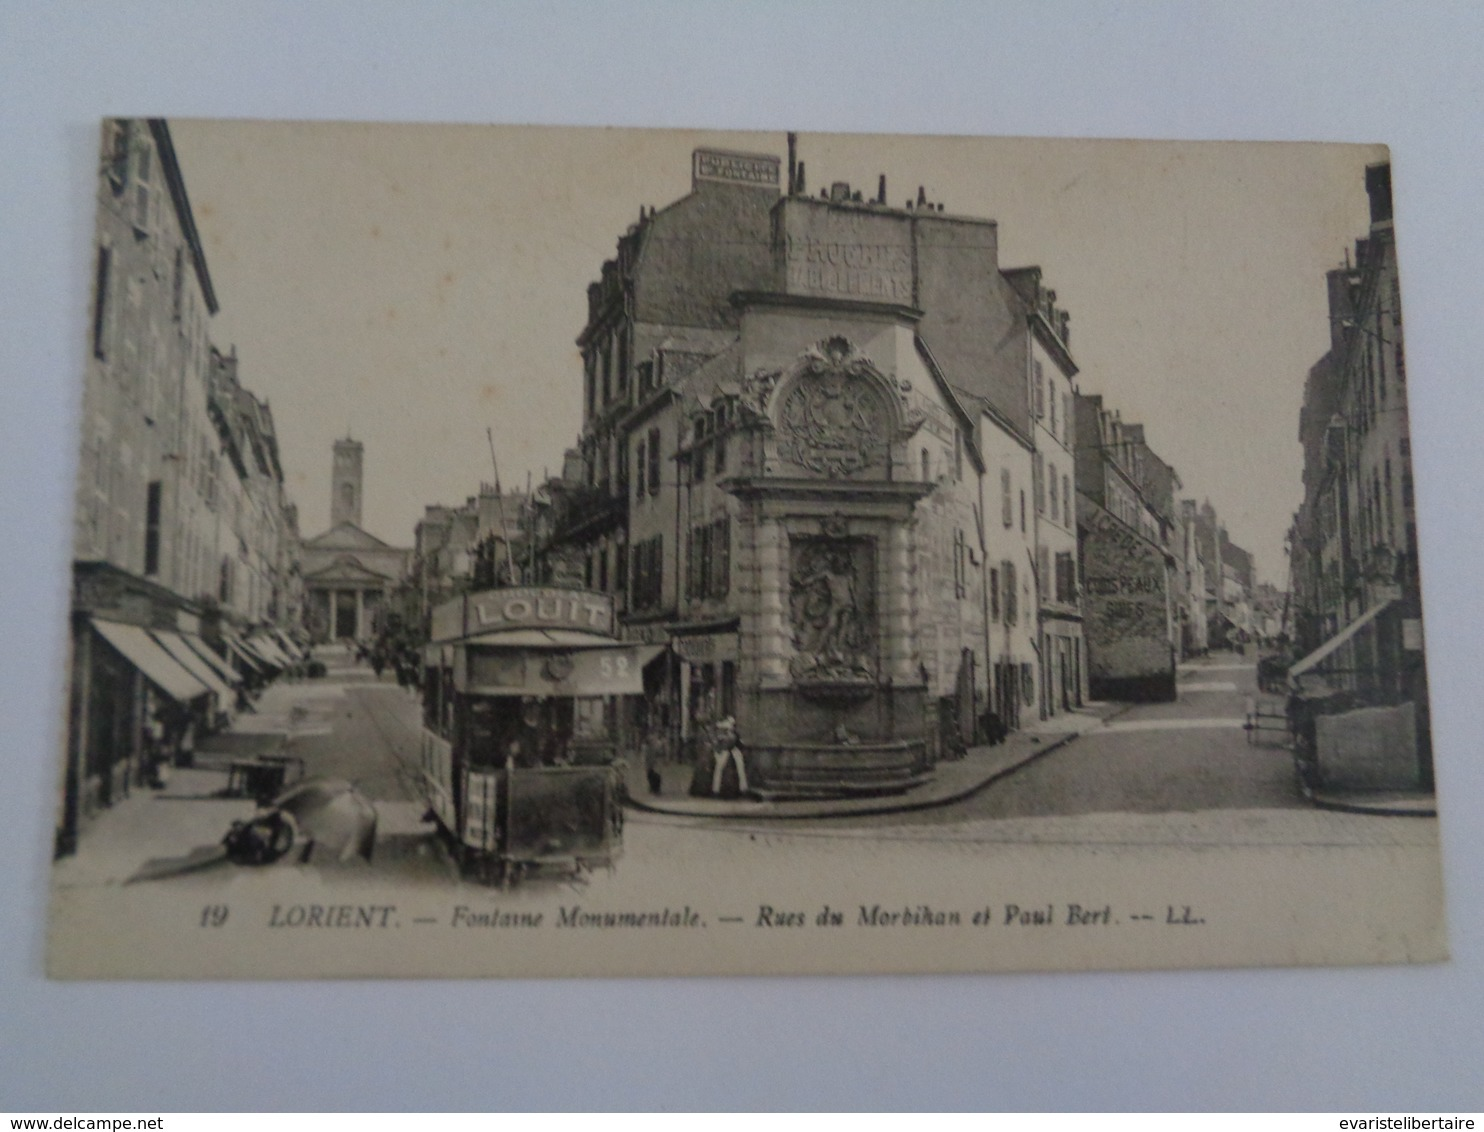 LORIENT : Fontaine Monumentale ,rue Du Morbihan Et Paul Bert ,n°19 - Lorient